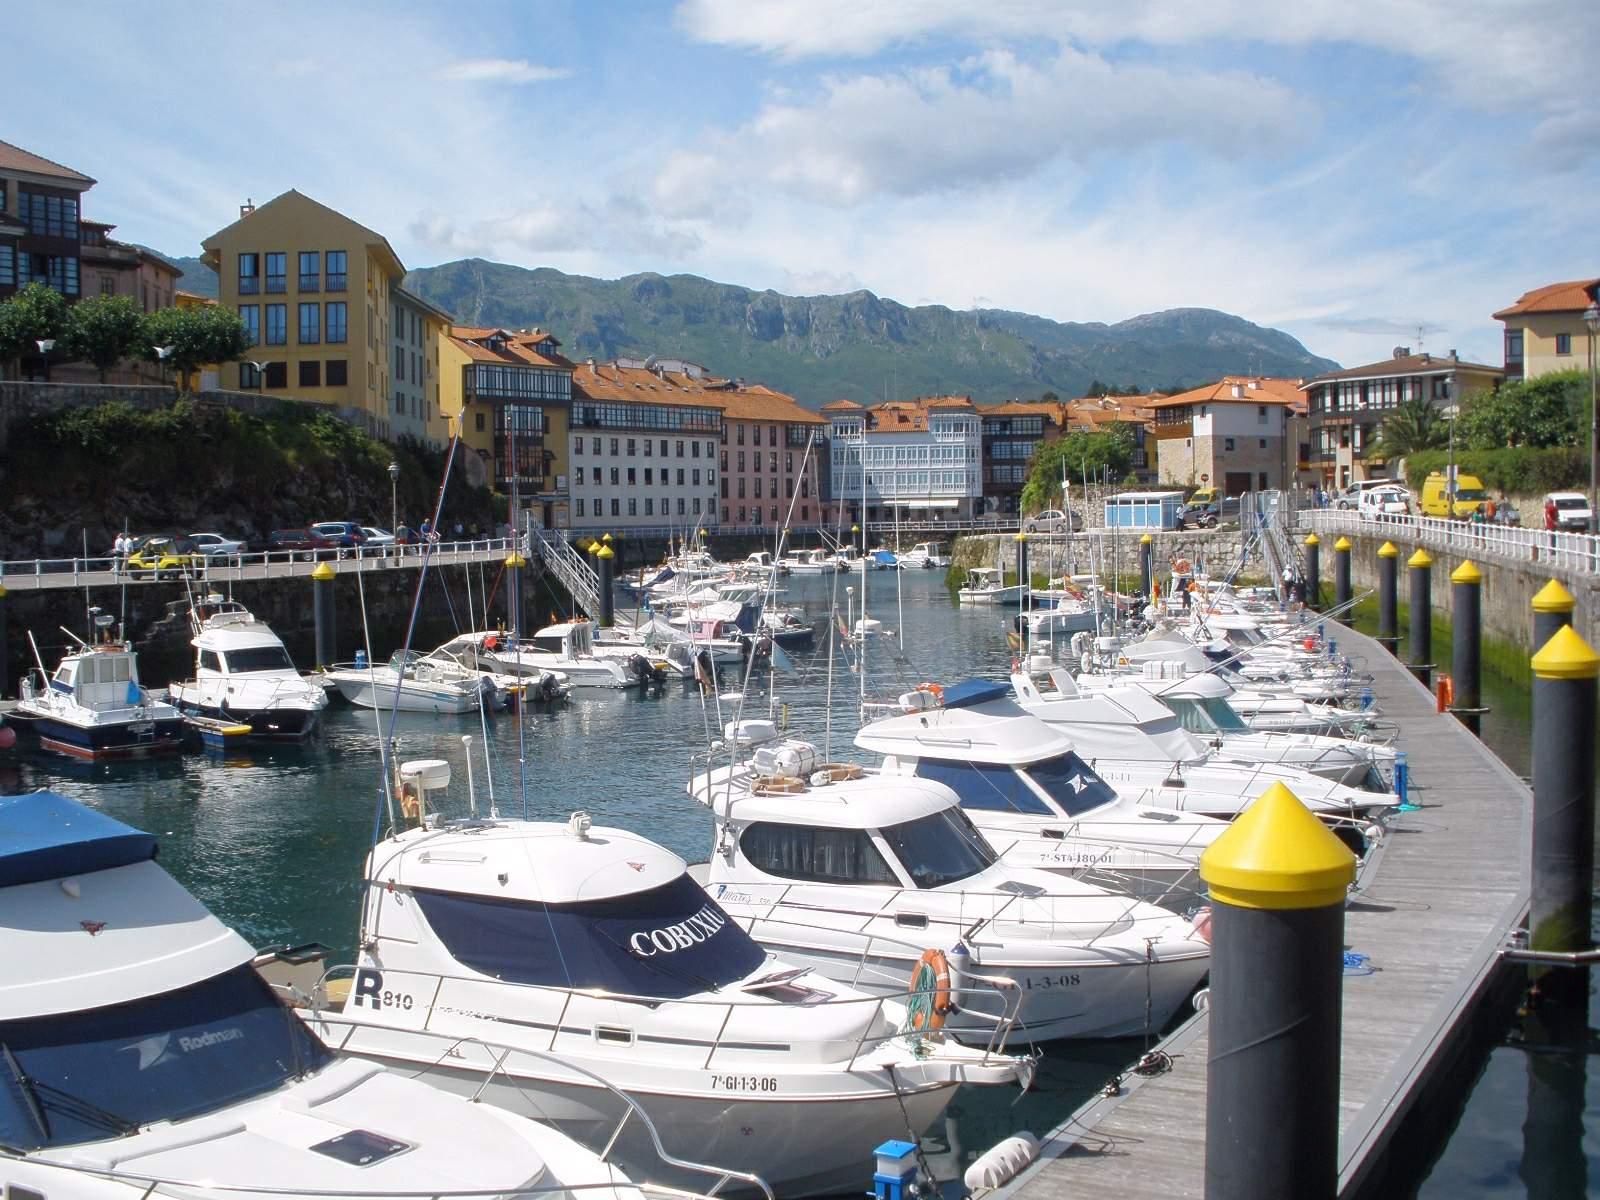 Llanes informaci n sobre el concejo de llanes for Oficina turismo llanes